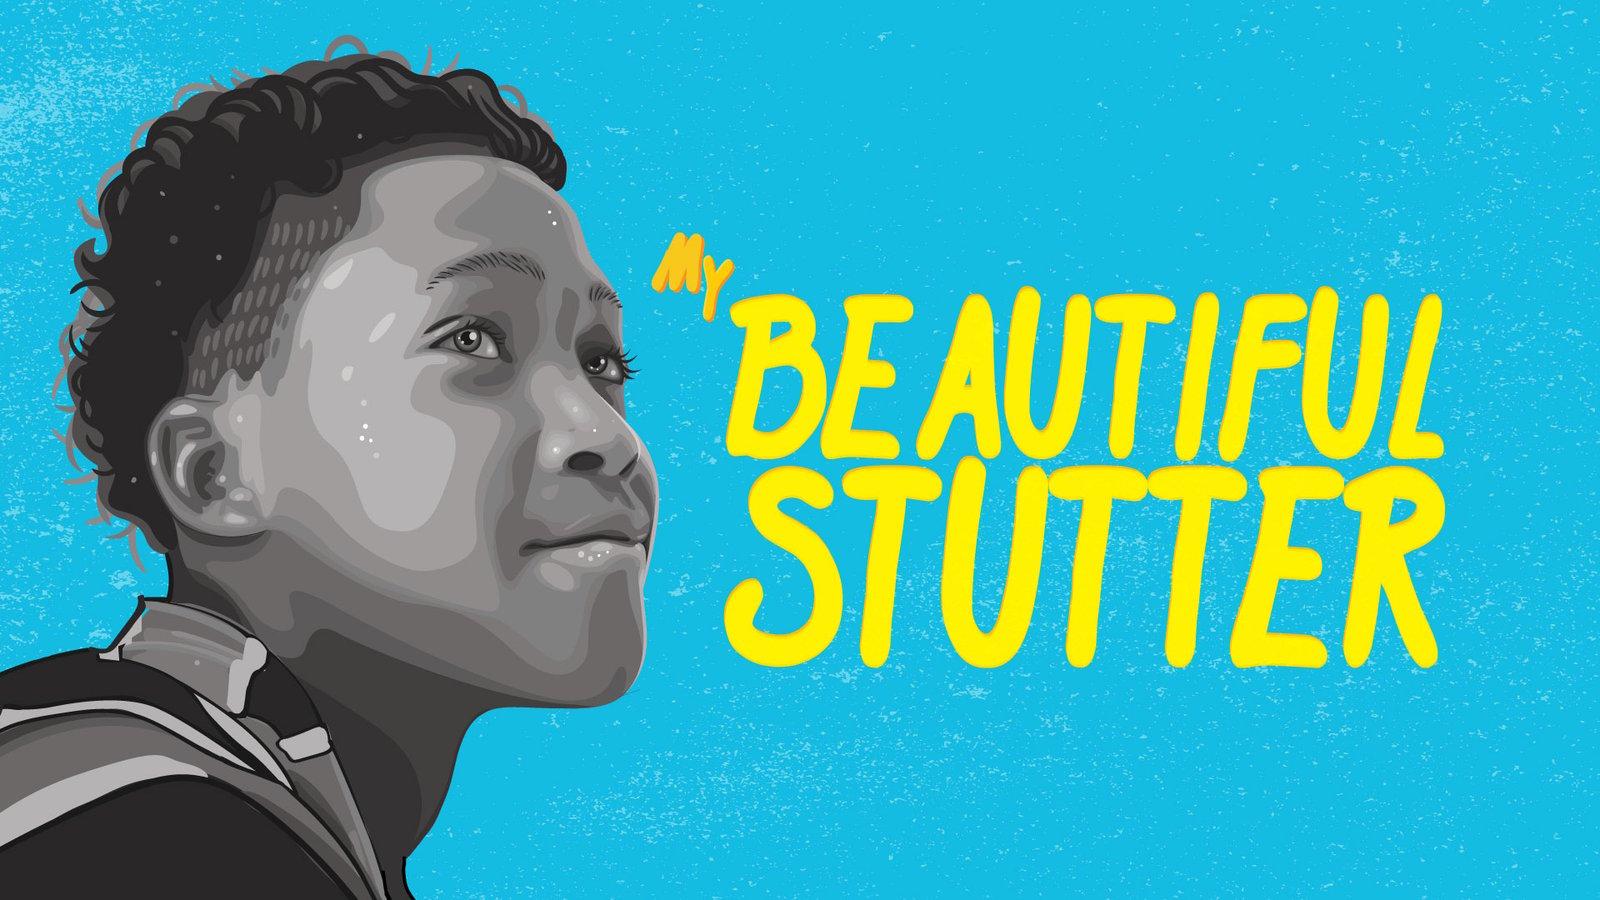 My Beautiful Stutter